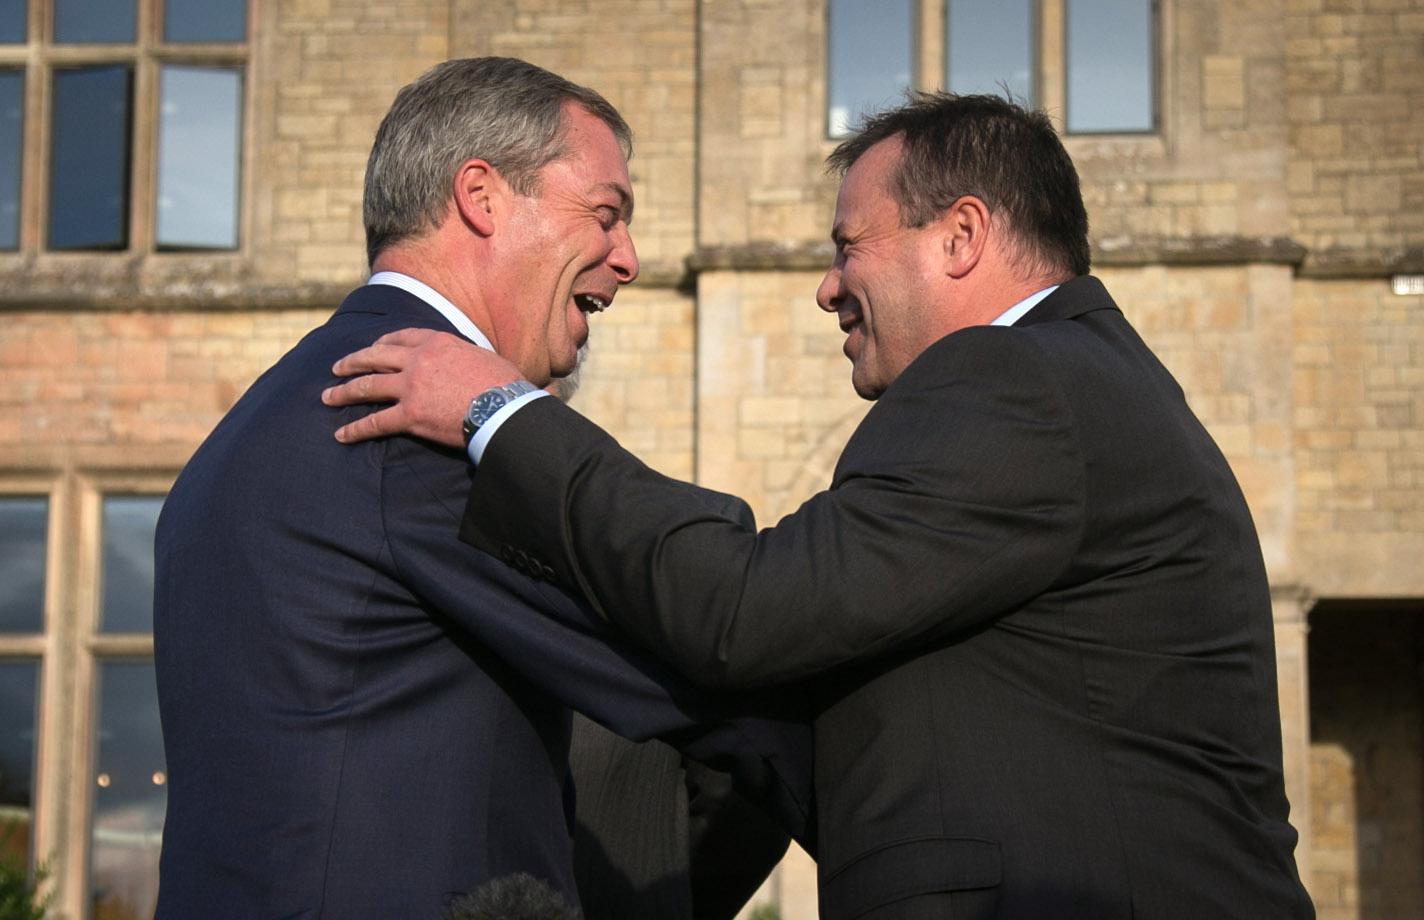 Farage and Banks